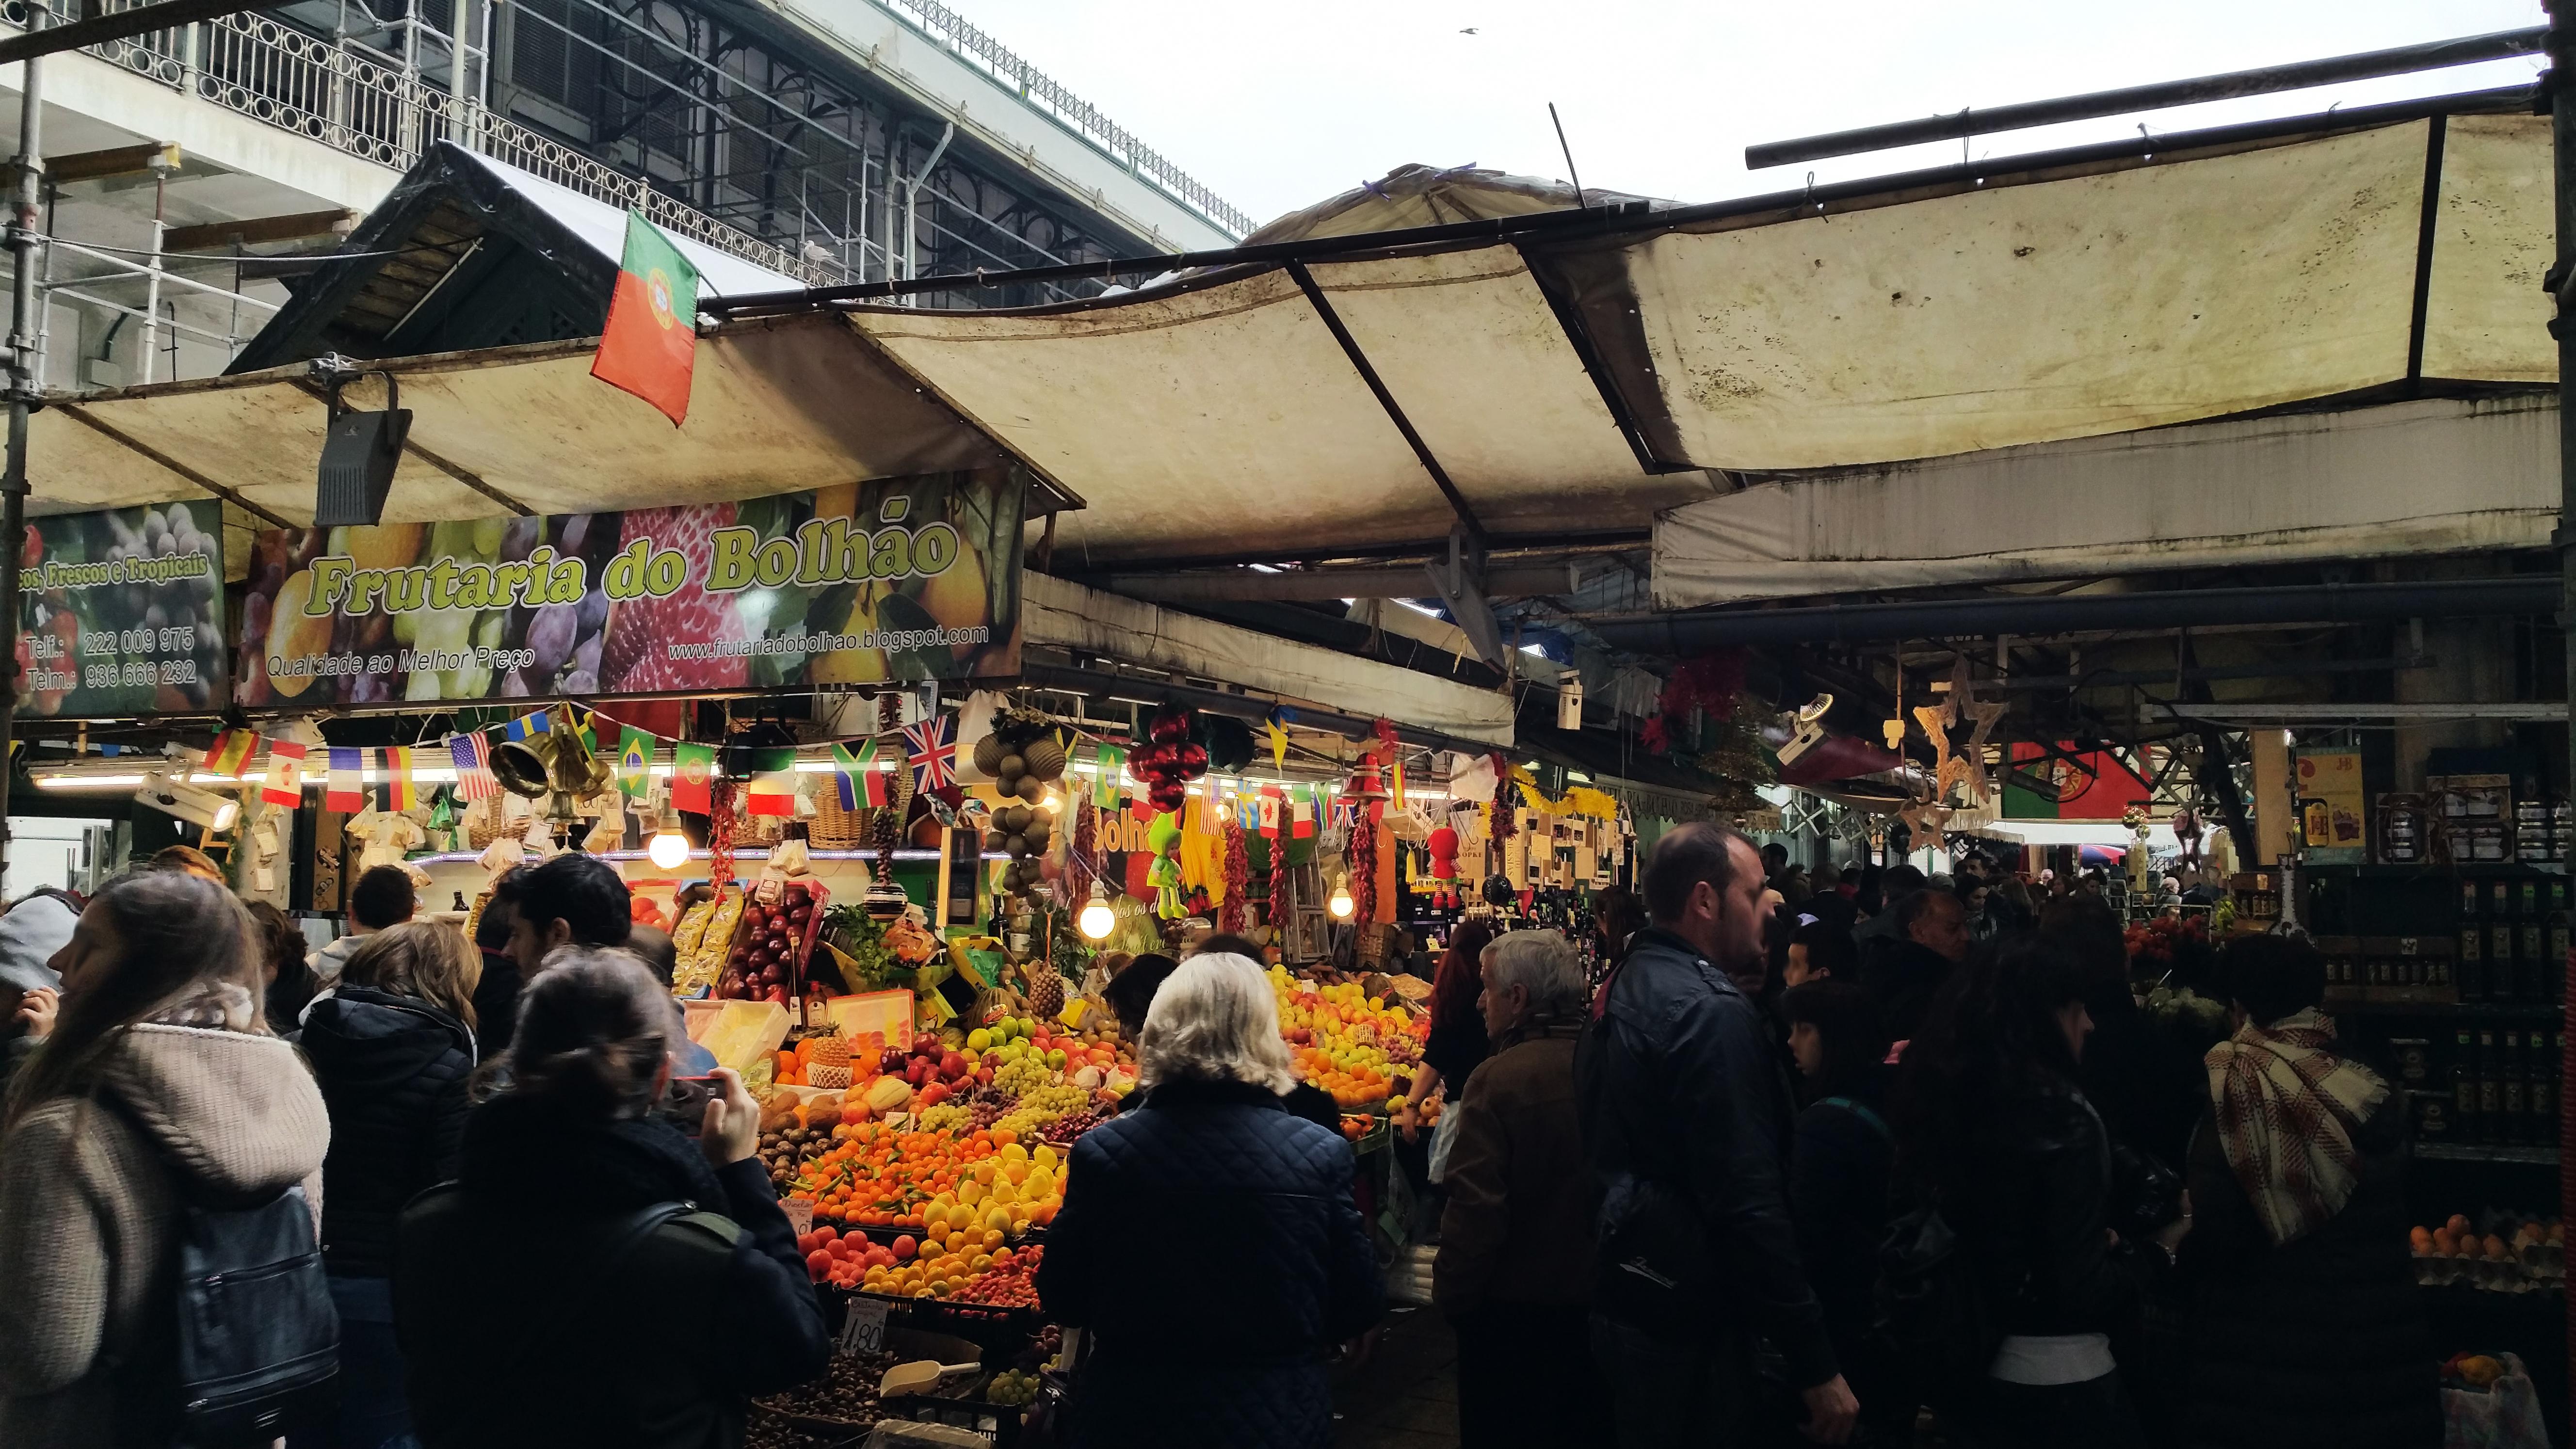 Mercado mas antiguo de Oporto.